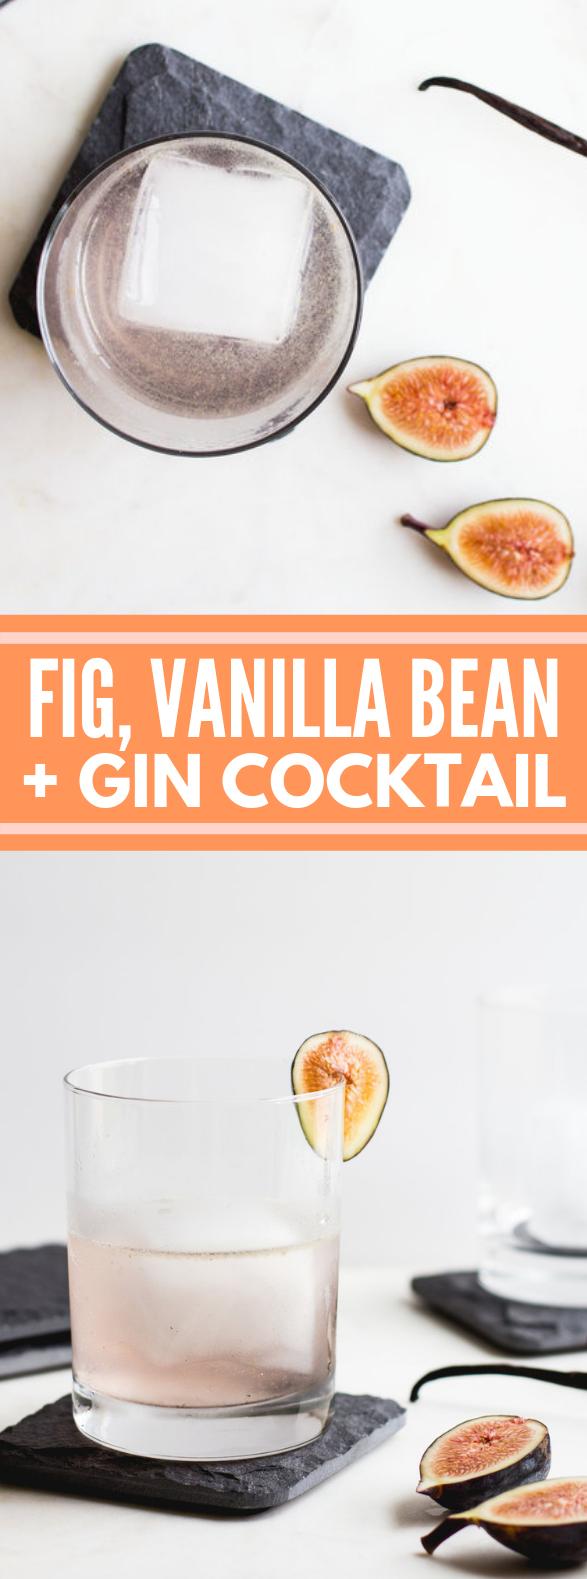 FIG, VANILLA BEAN + GIN COCKTAIL #drinks #vodka